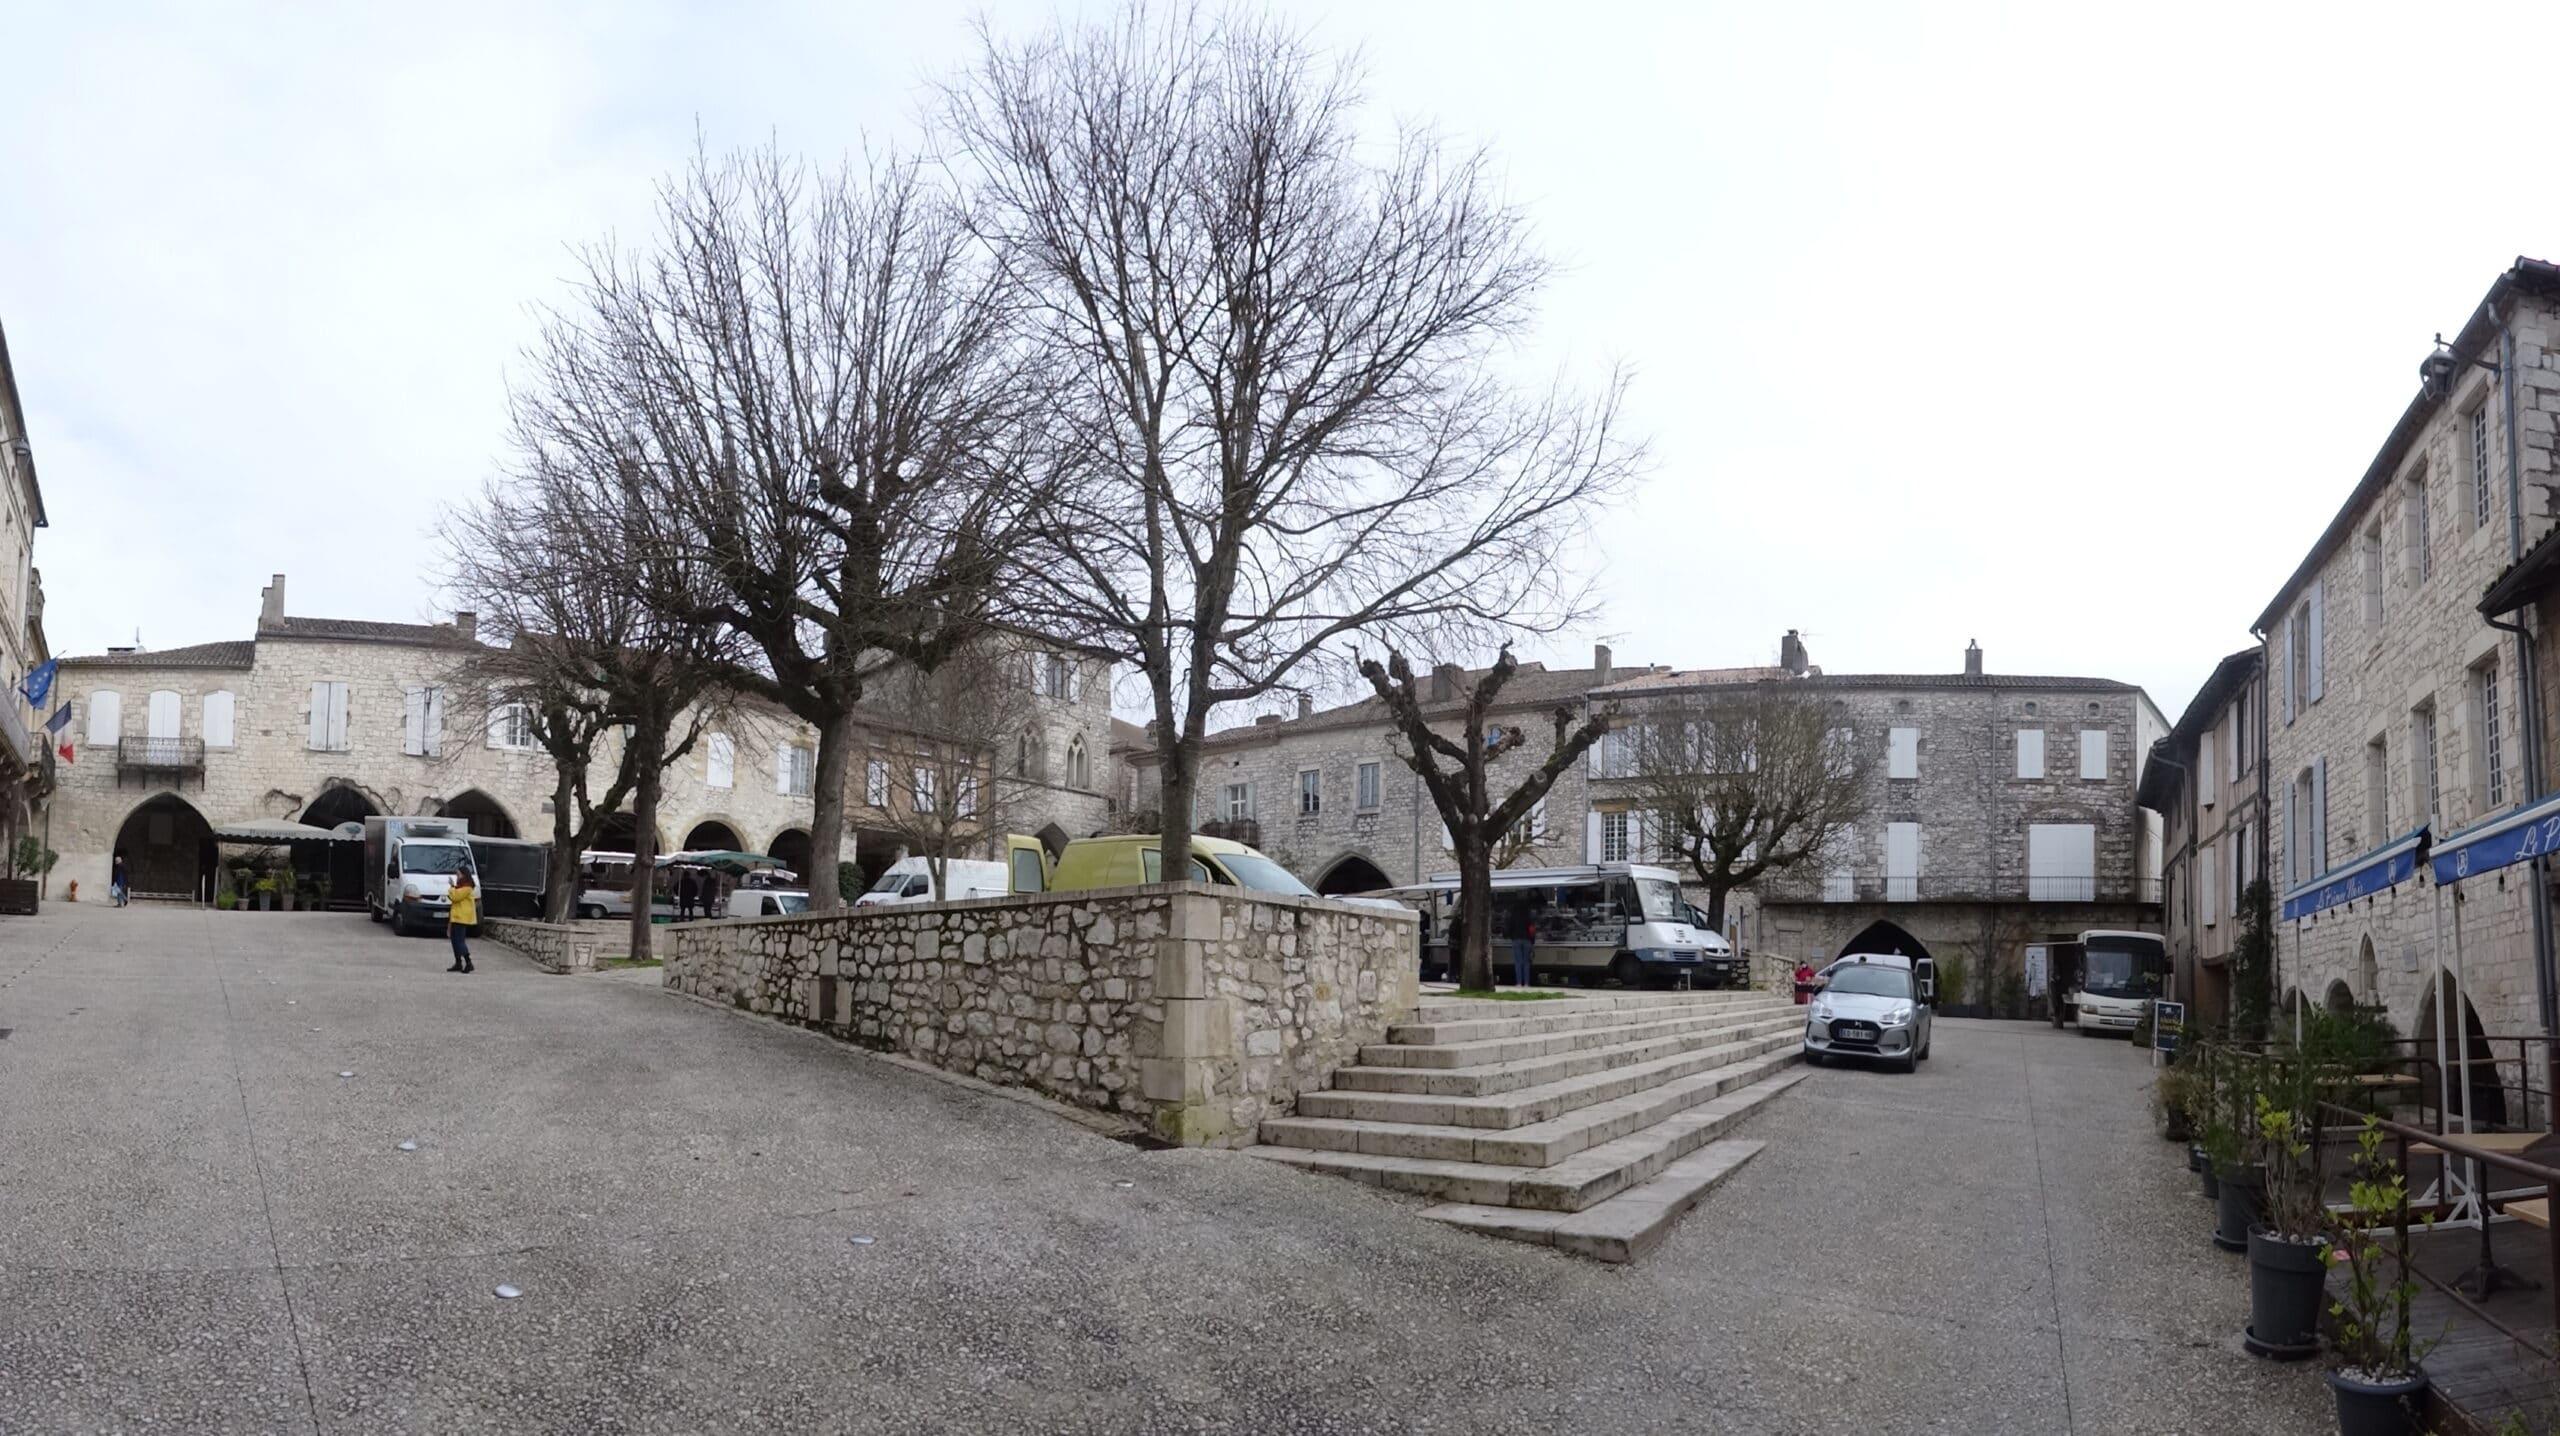 Monflanquin - Bastide et plus beau village de France en Lot-et-Garonne